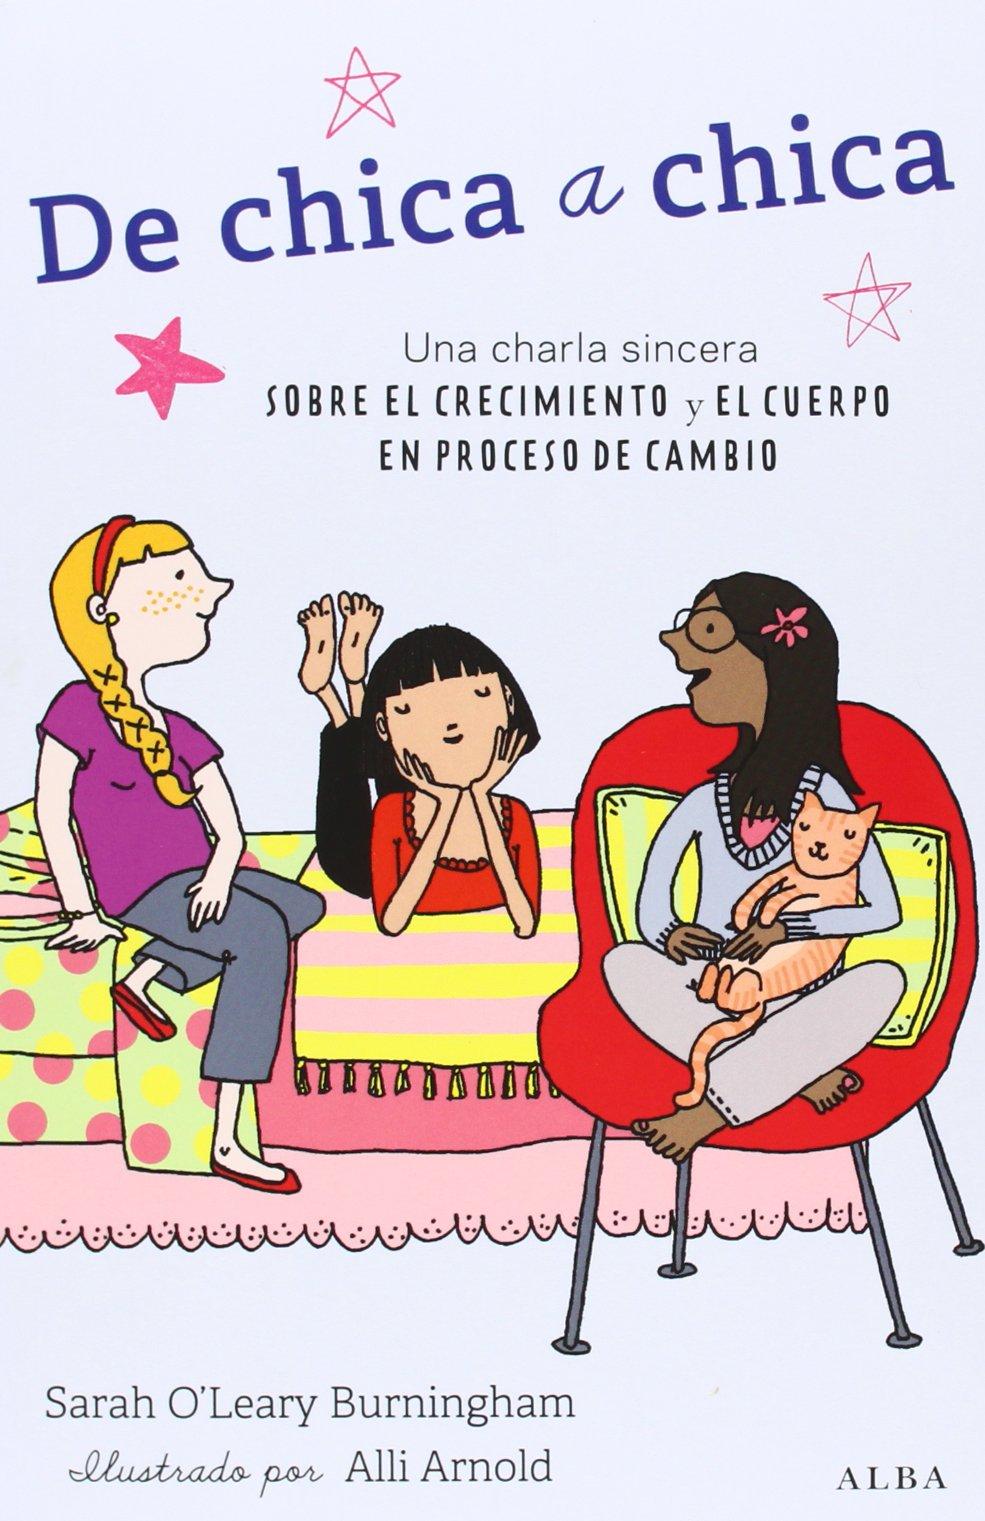 De chica a chica. Una charla sincera sobre el crecimiento y el cuerpo en proceso de cambio (Spanish) Paperback – May 1, 2014